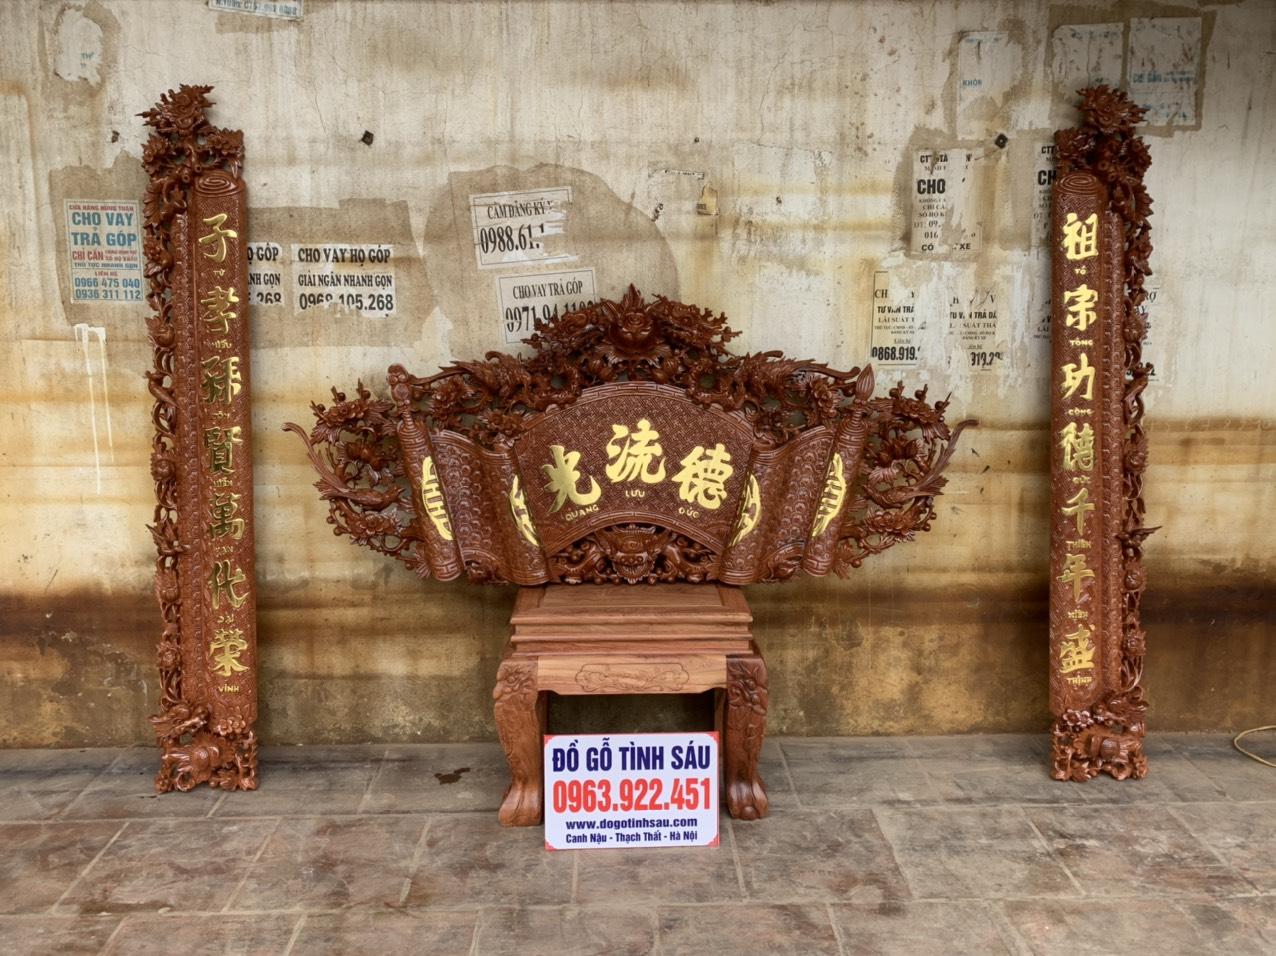 cuon thu cau doi go huong - Bộ cuốn thư câu đối gỗ hương đá mẫu mai hóa long 1m97